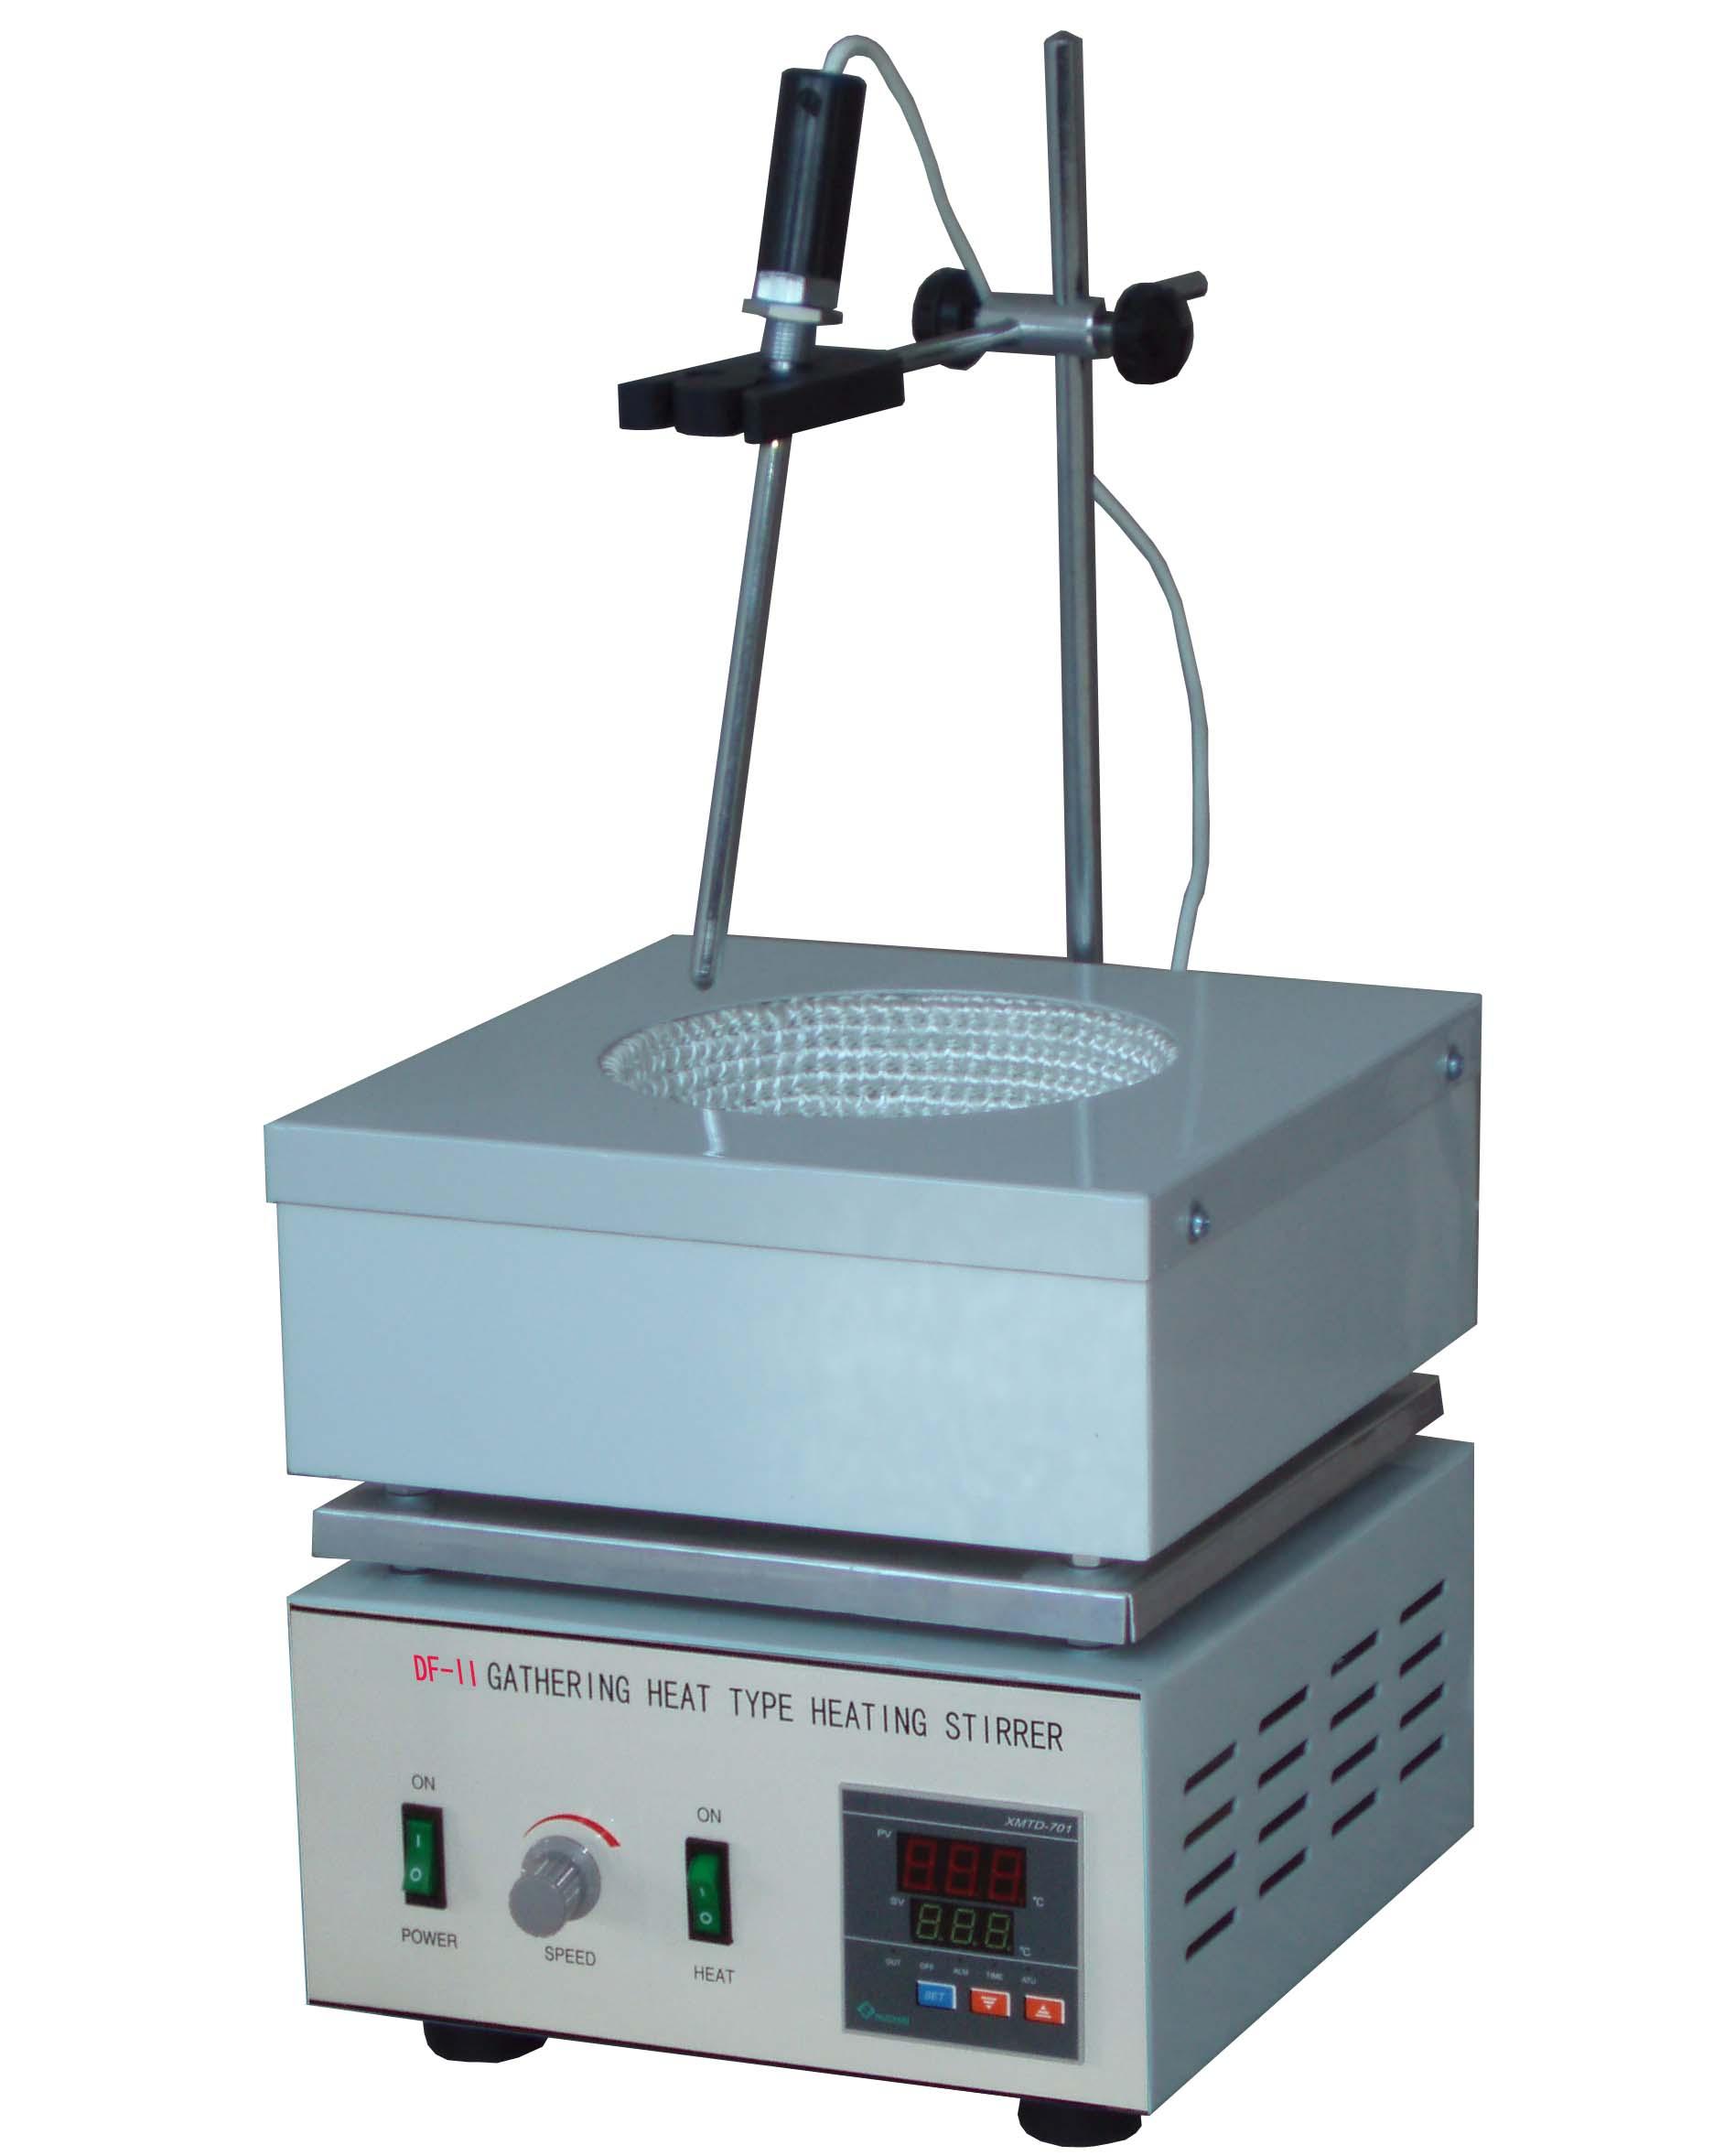 江苏金坛DF-II集热式磁力搅拌器